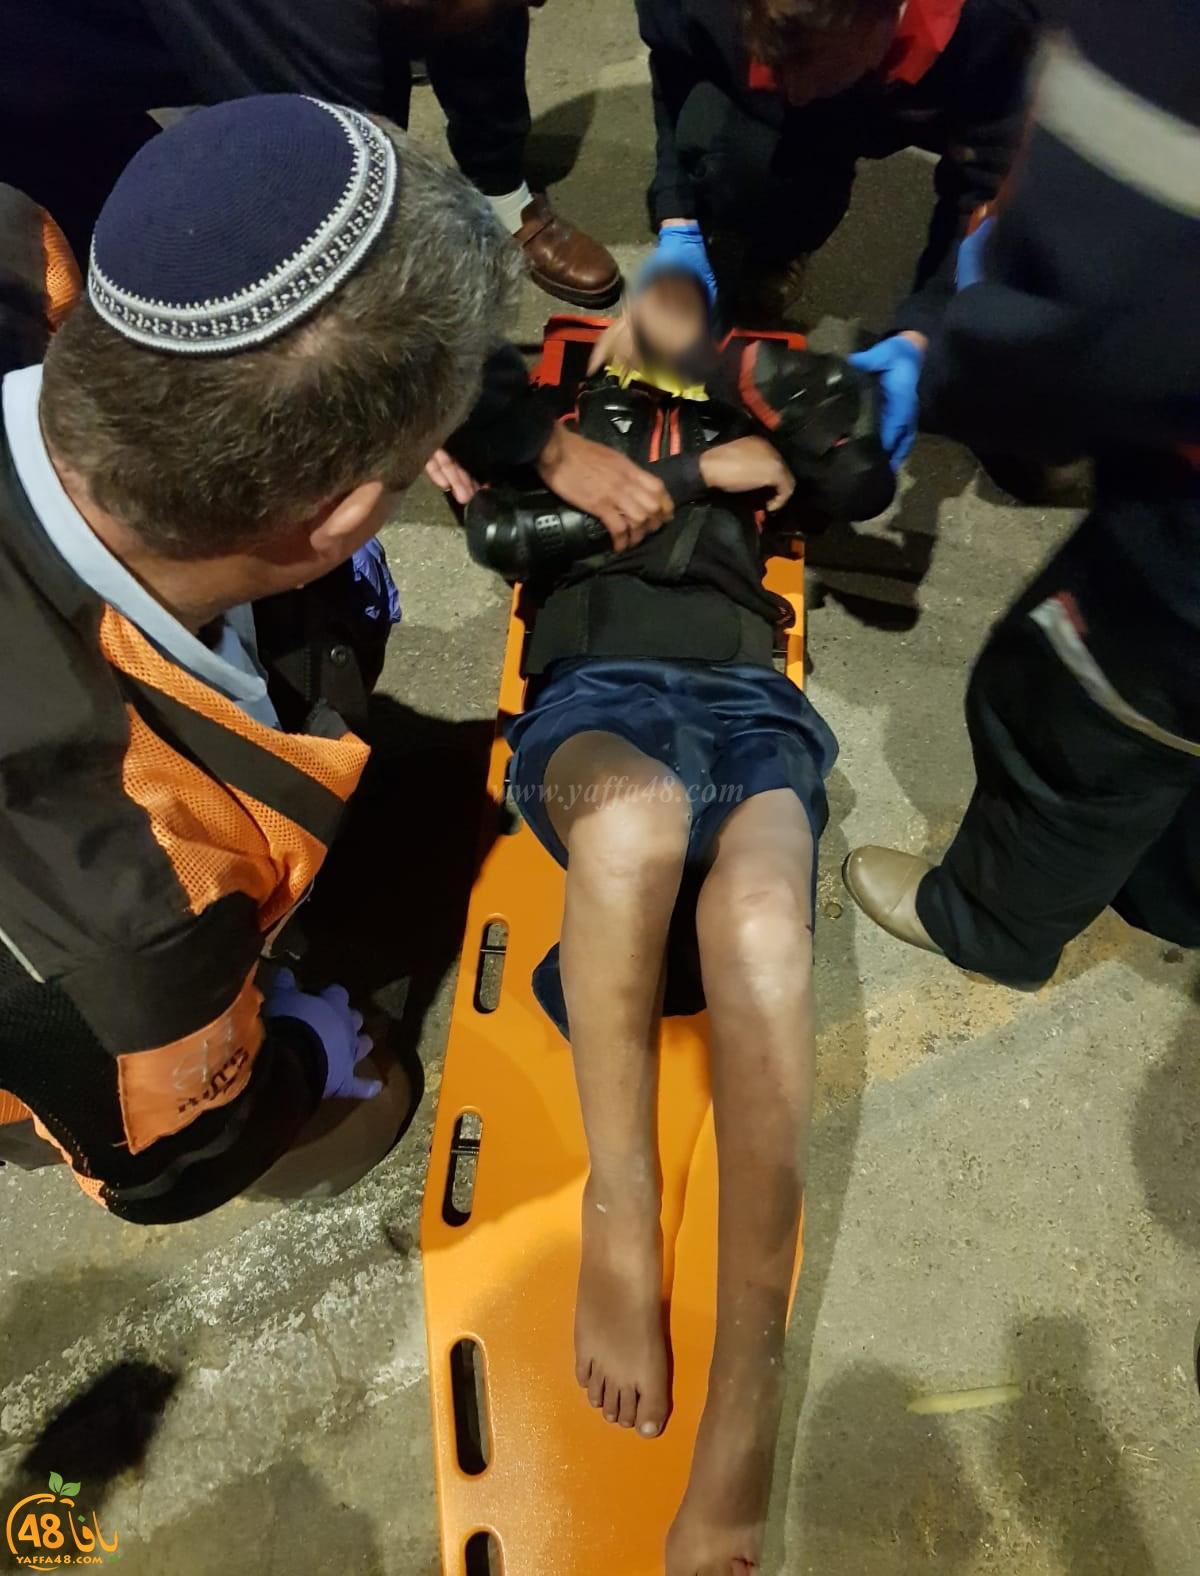 اللد: إصابة متوسطة لفتى بحادث دهس بالمدينة